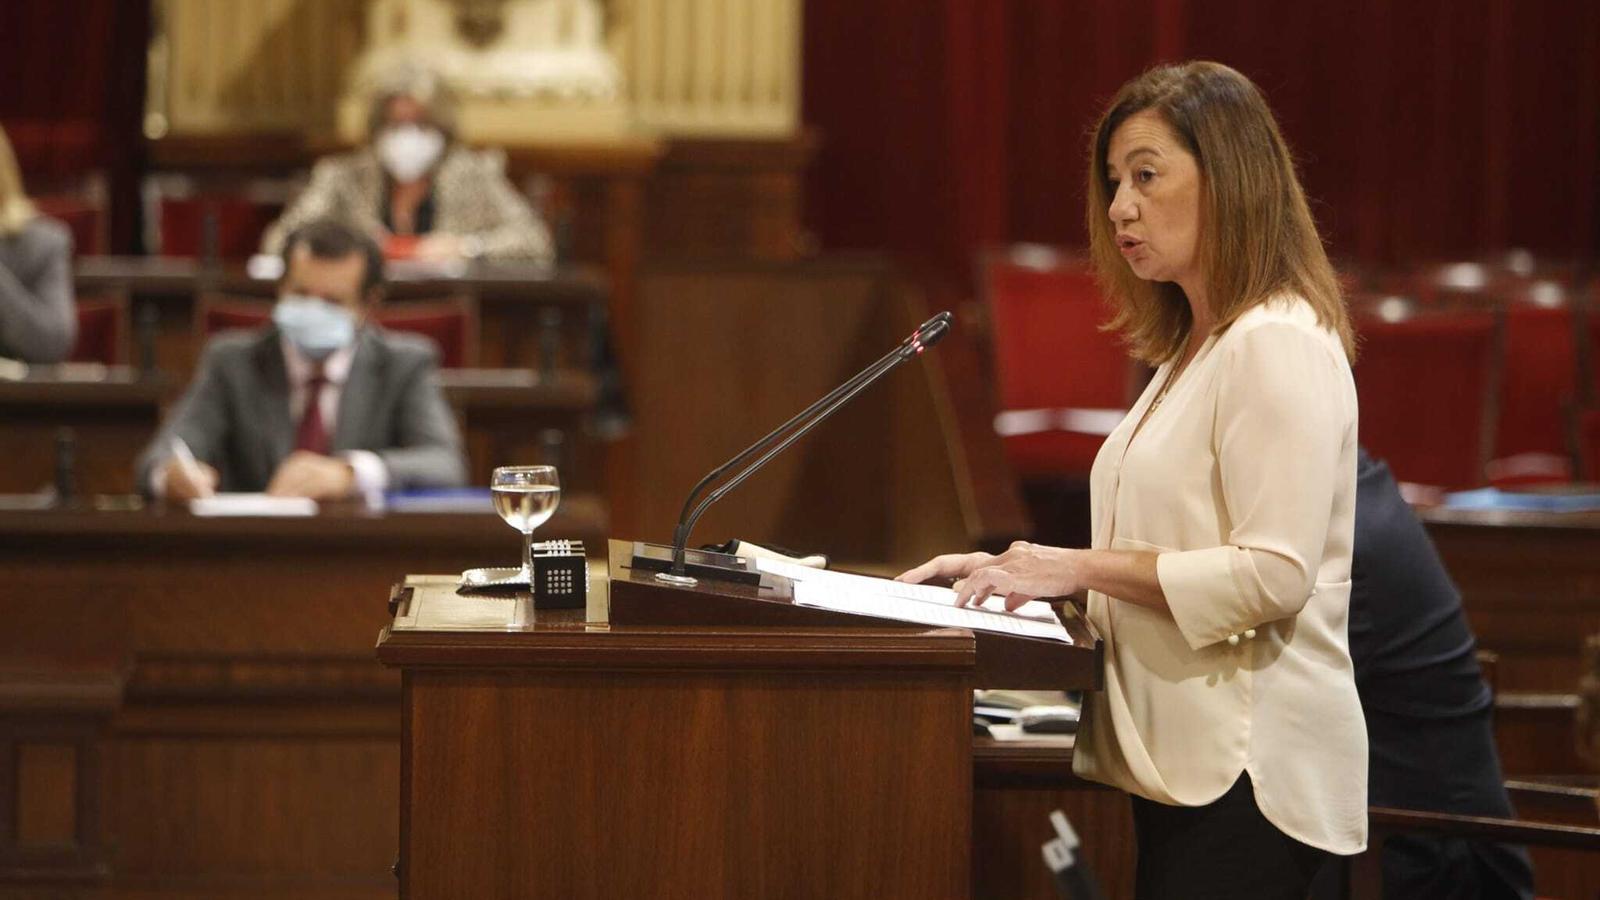 Un moment de la intervenció de la presidenta del Govern, Francina Armengol, en el debat de política general d'aquest dimarts